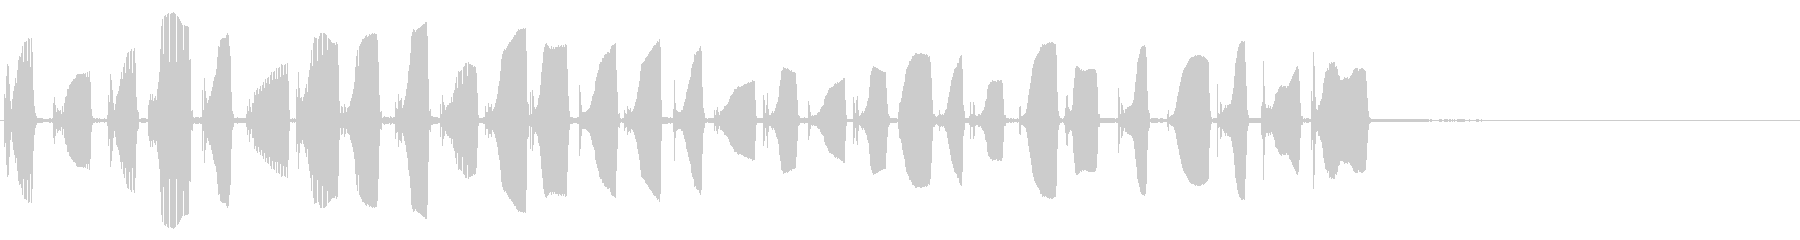 アコーデオン:スクランブルアップア...の未再生の波形